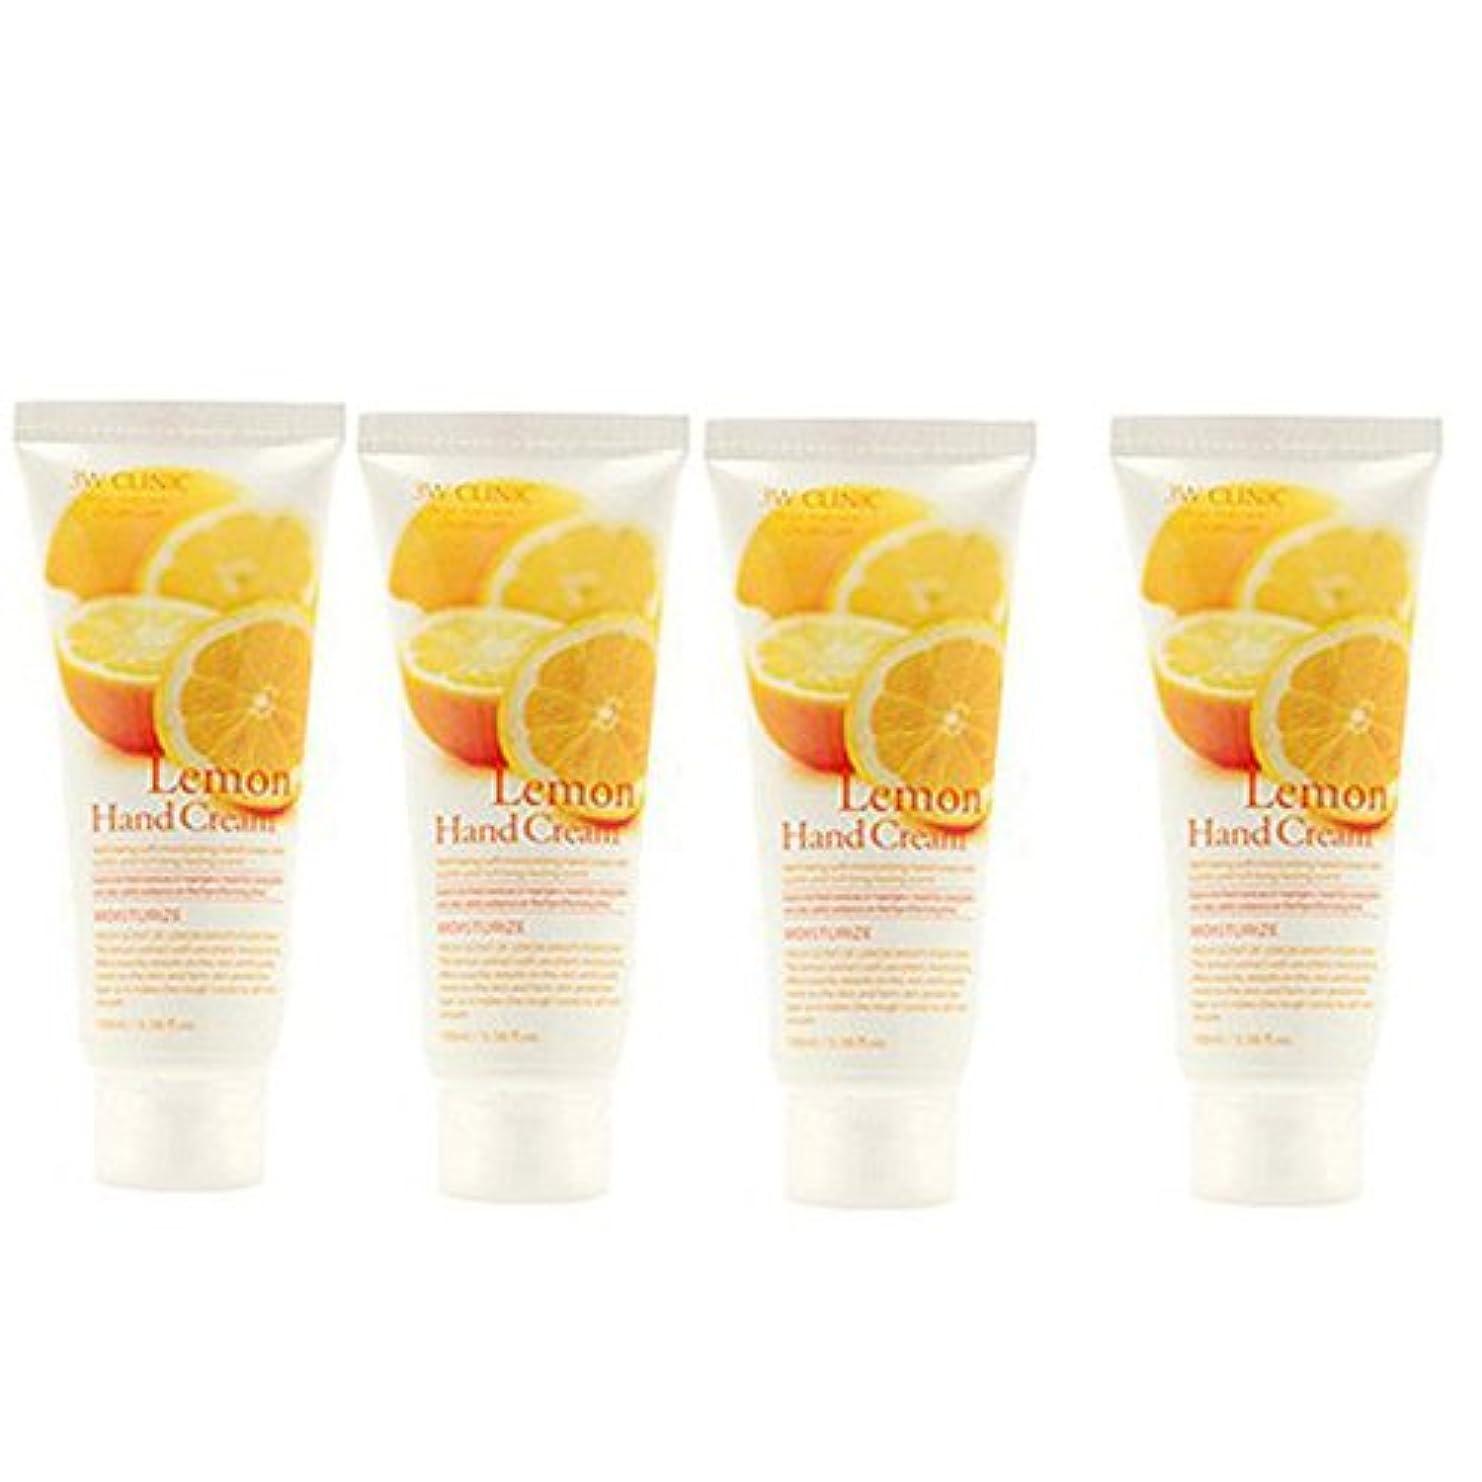 社会学護衛アルバム3w Clinic[韓国コスメARRAHAN]Moisturizing Lemon Hand Cream モイスチャーリングレモンハンドクリーム100mlX4個 [並行輸入品]